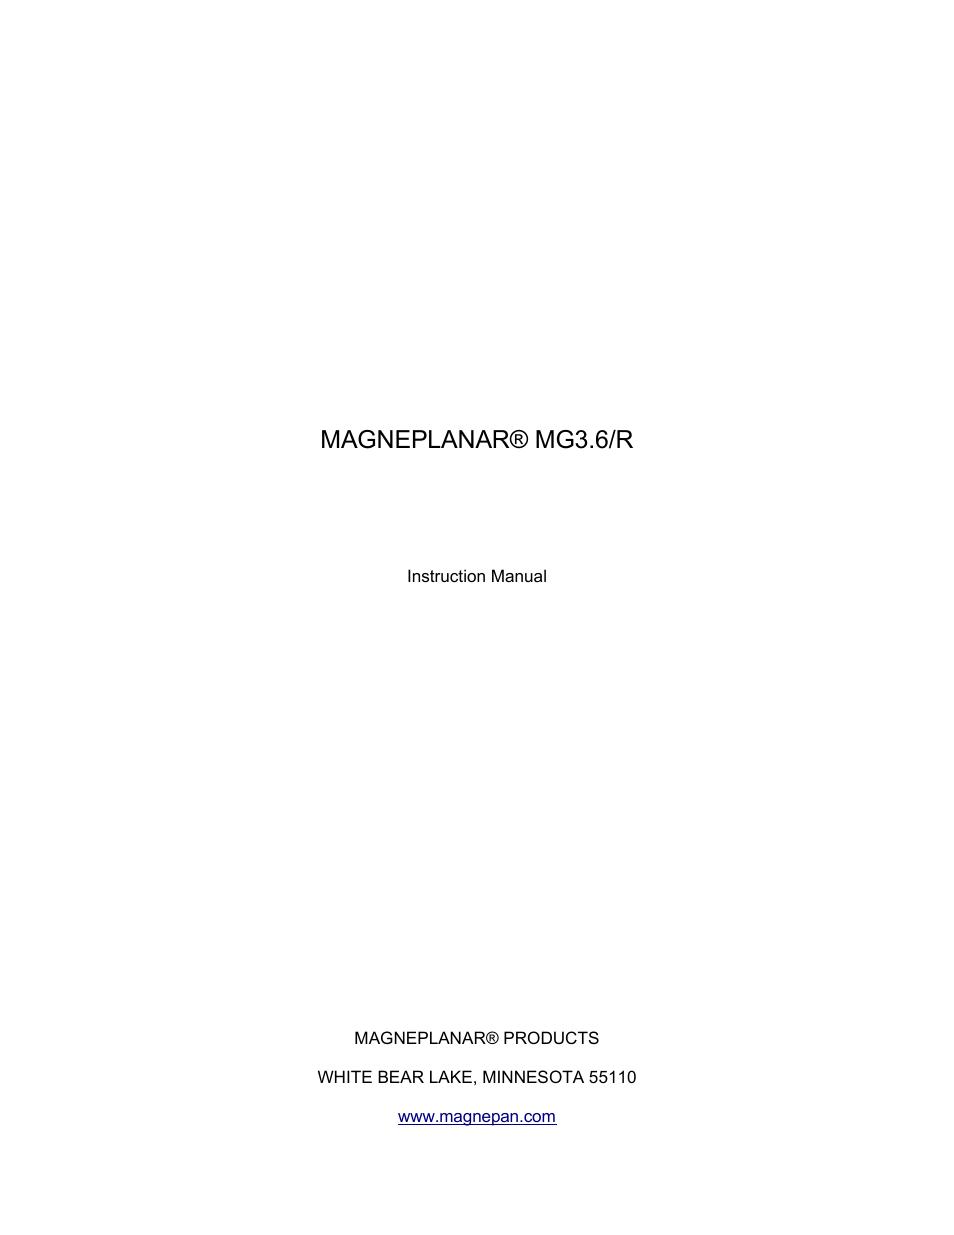 magnepan mg 3 6 user manual 14 pages rh manualsdir com Magnepan 3.7I Loudspeaker Magnepan 1.7